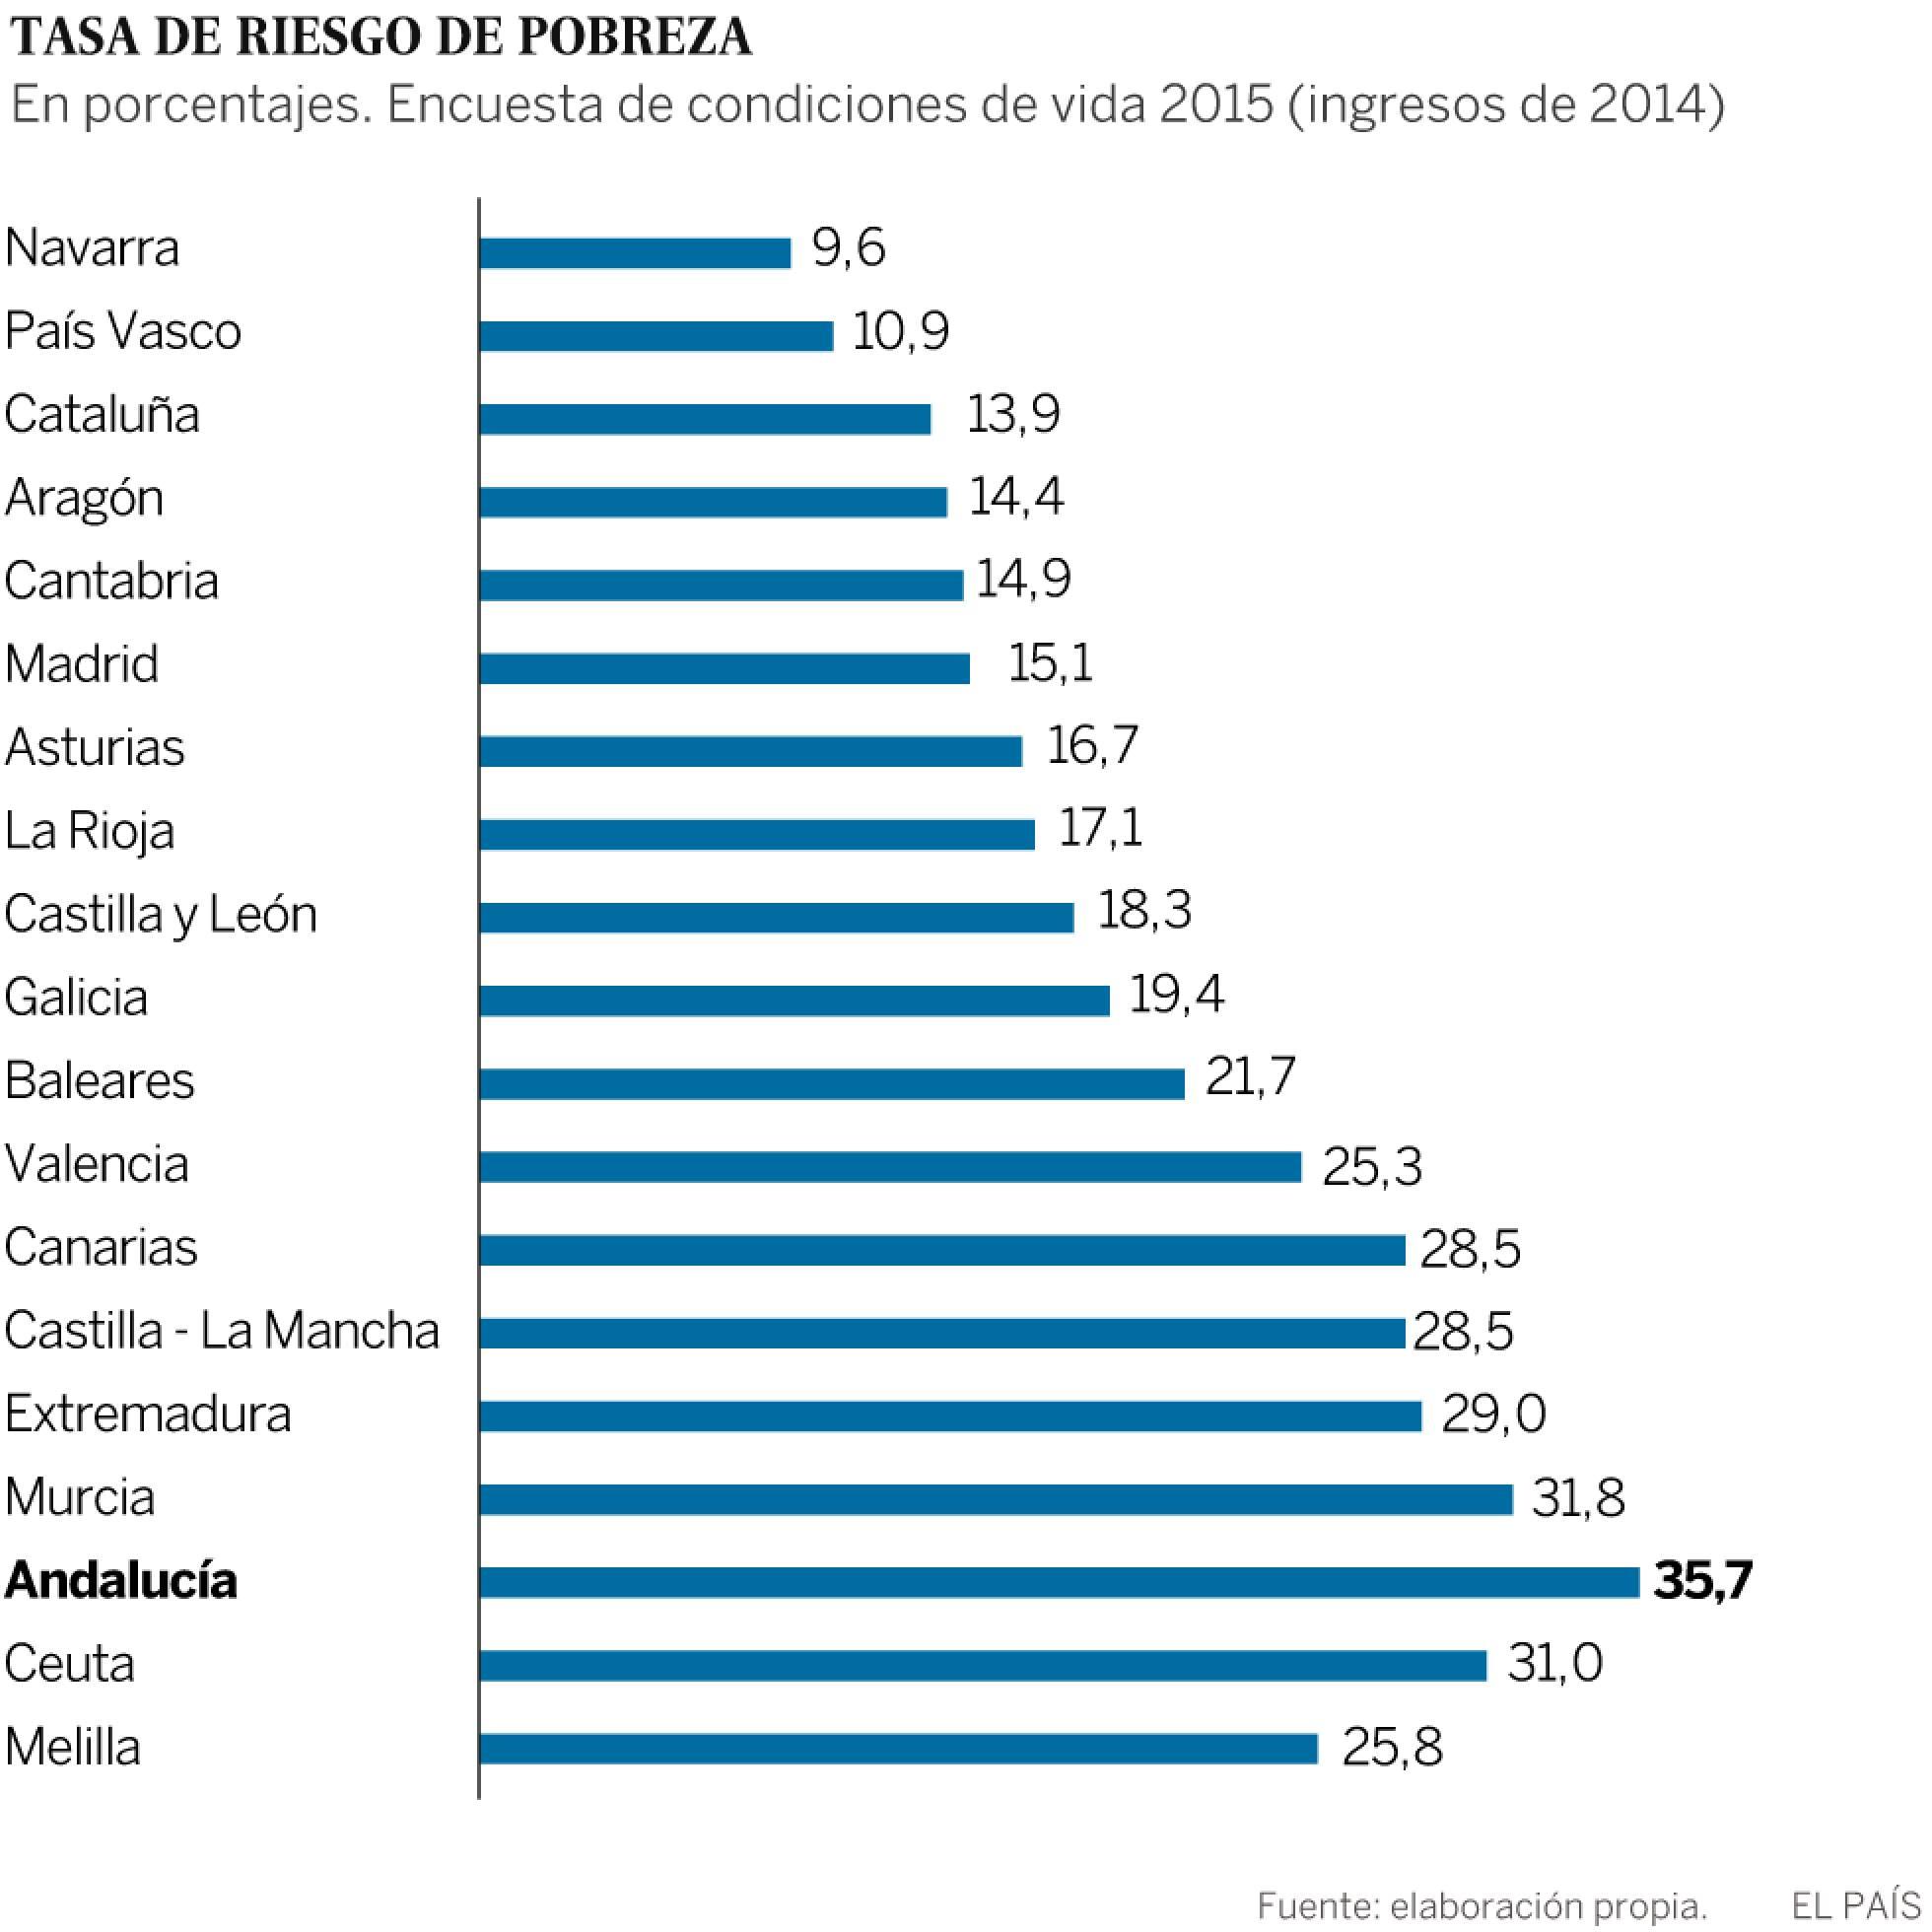 tasa riesgo de pobreza